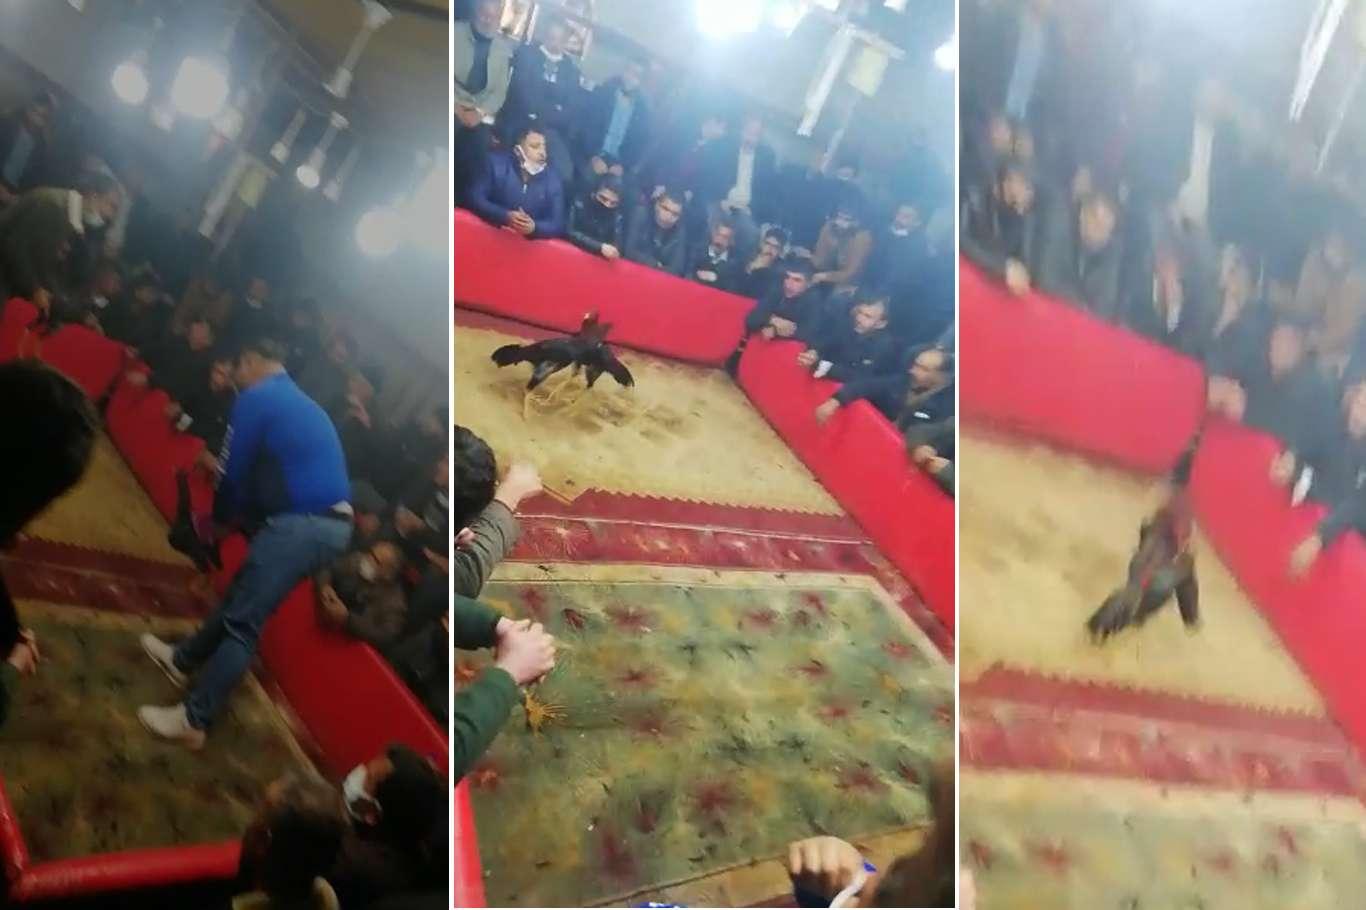 Horoz Dövüştüren Vijdansızlara Ceza Yağdı